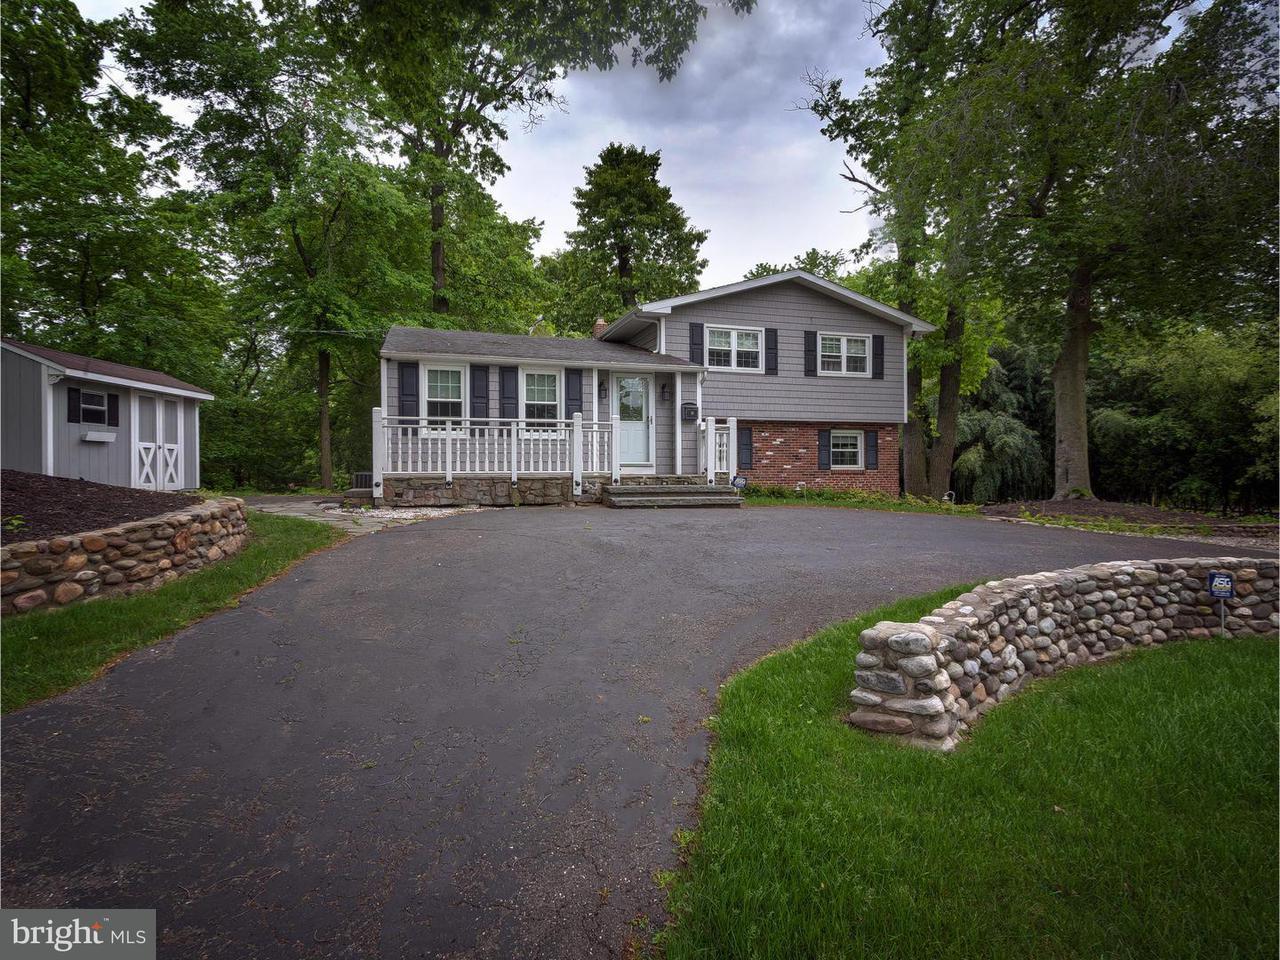 Casa Unifamiliar por un Venta en 275 S PARK Drive Haddon Township, Nueva Jersey 08108 Estados Unidos